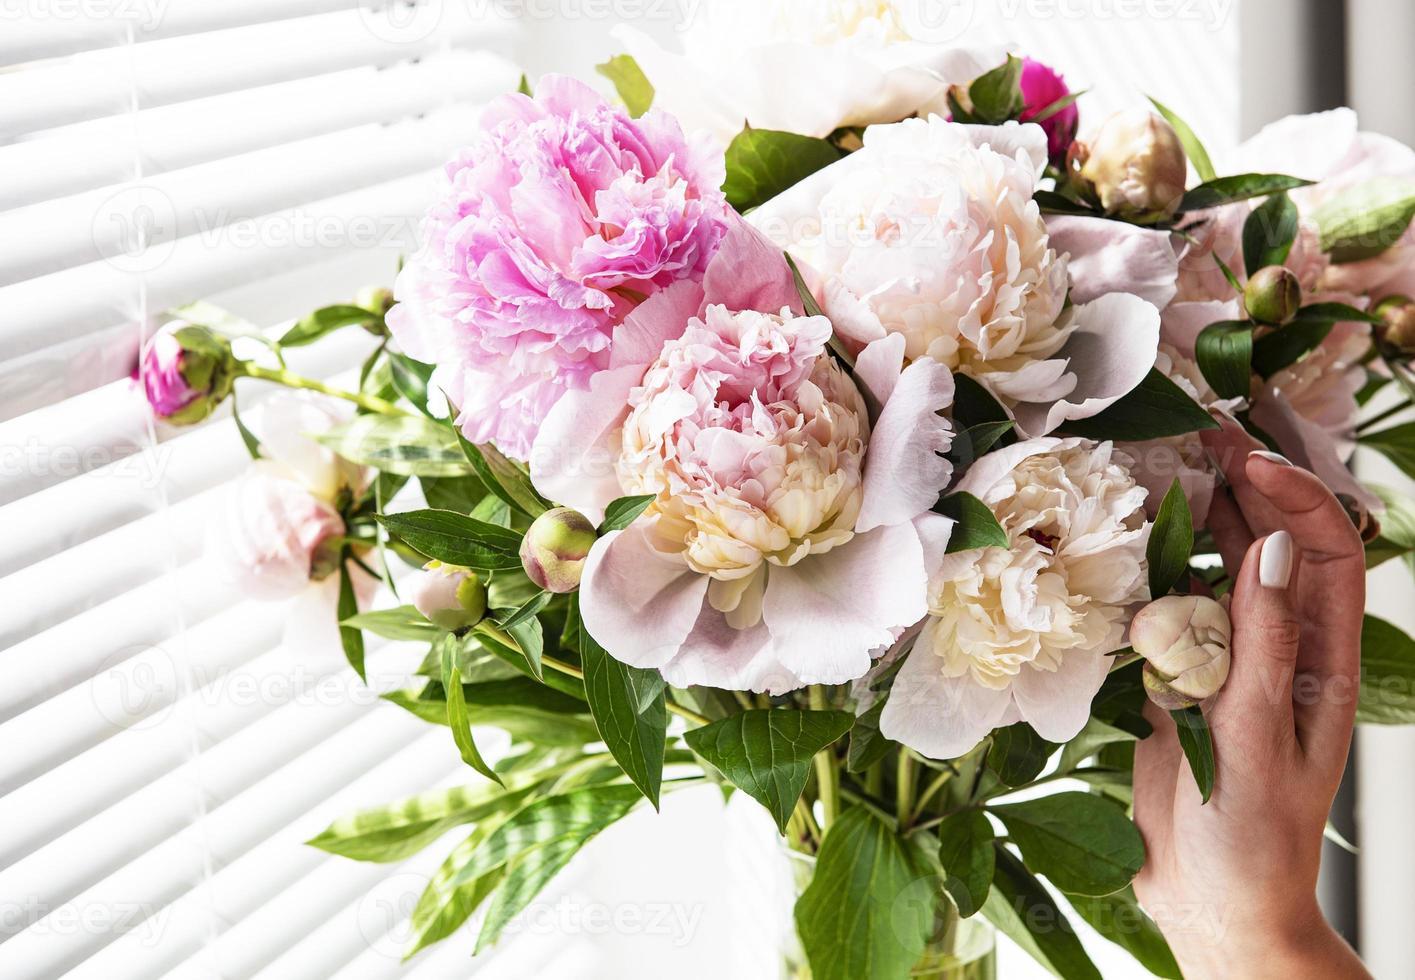 Hermoso ramo de peonía rosa en un jarrón. foto